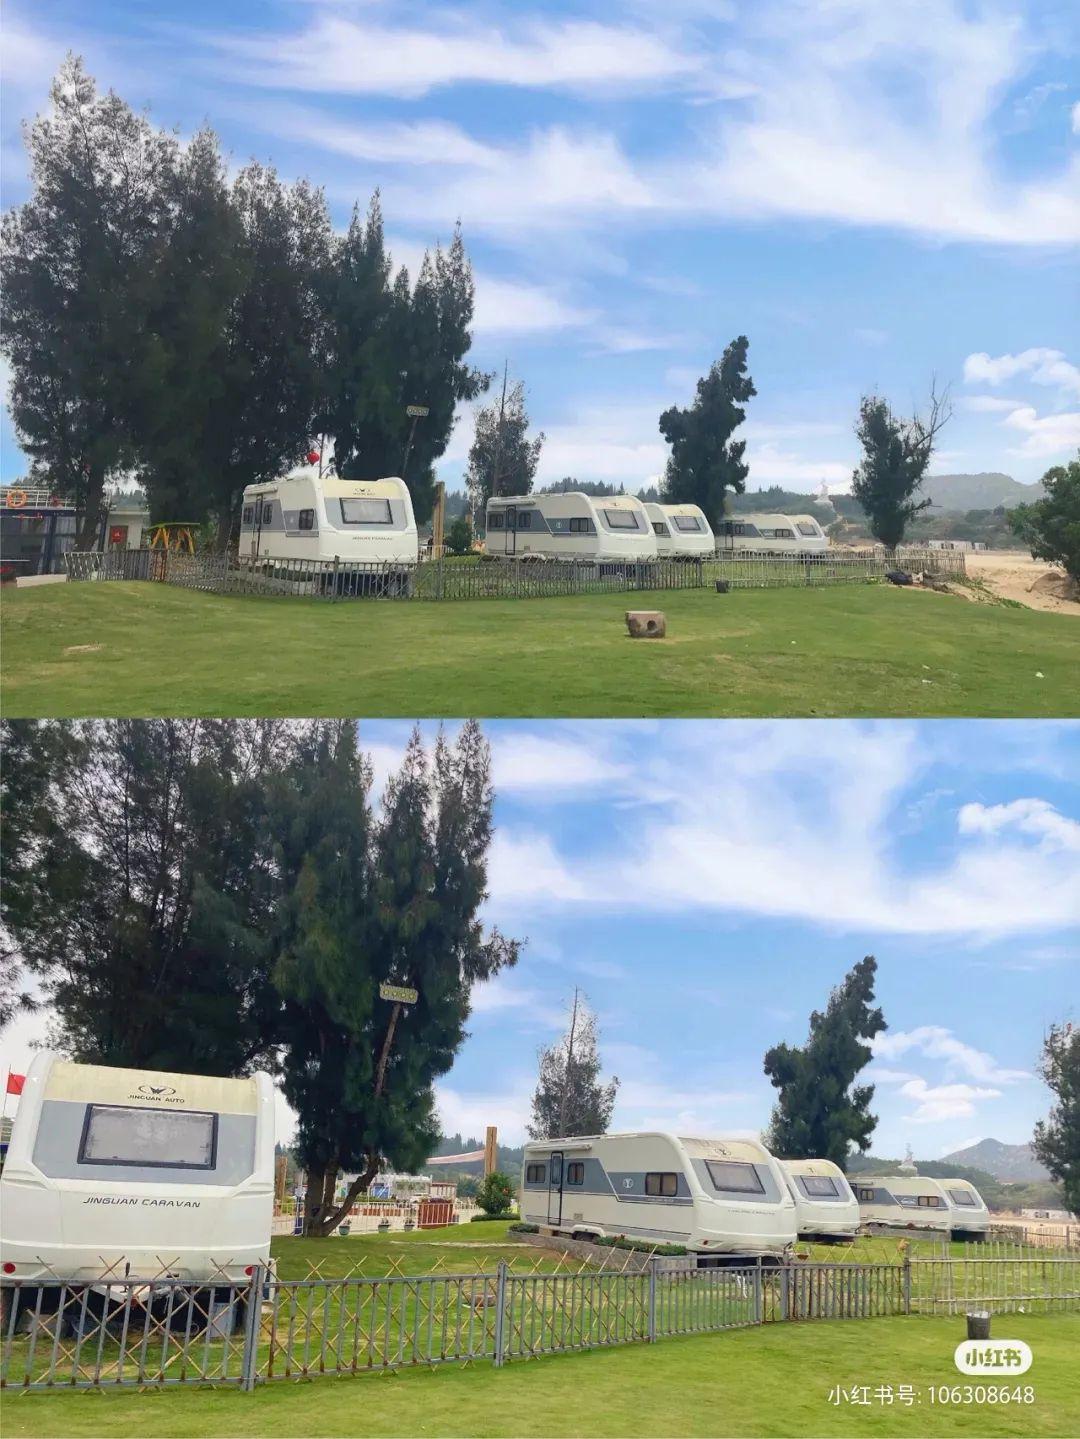 陆丰浅澳沙滩区的房车营地 背靠大海非常美 汕尾吃喝玩乐 第5张